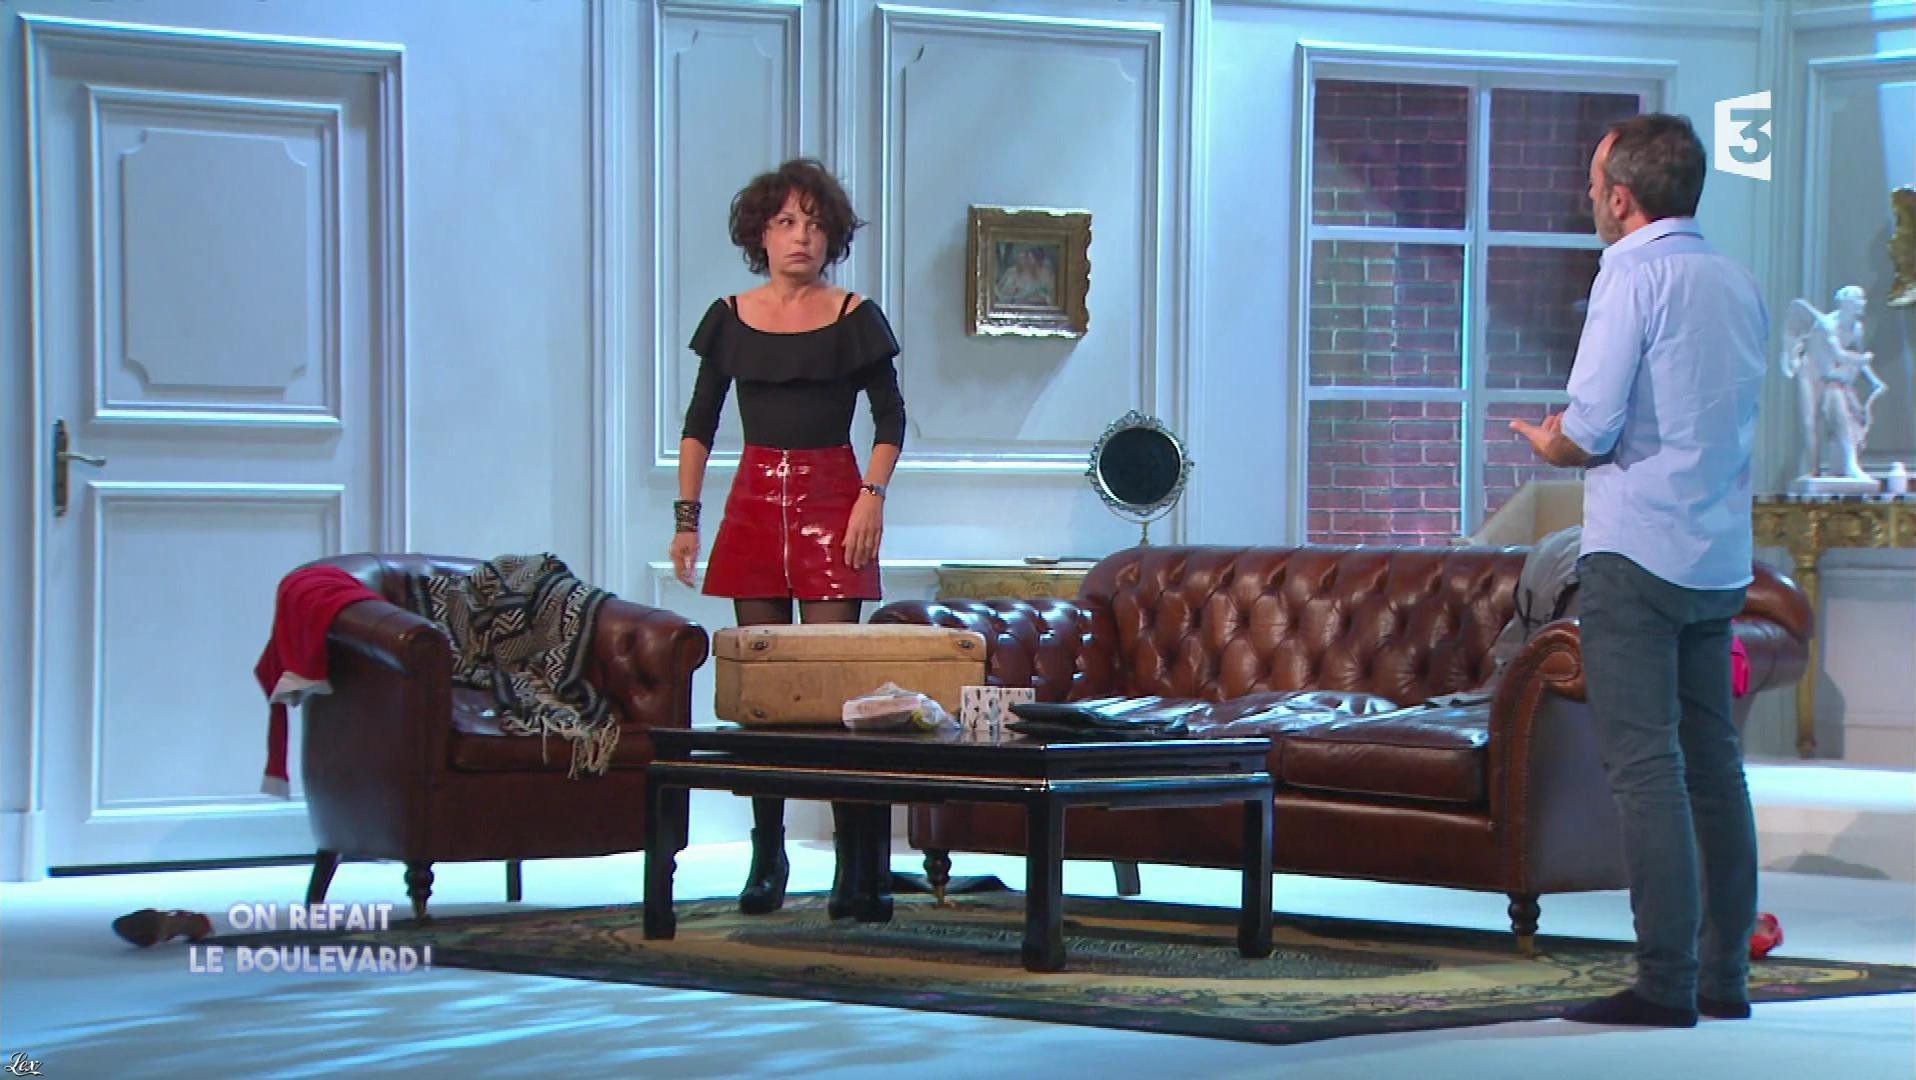 Isabelle Mergault dans On Refait le Boulevard. Diffusé à la télévision le 22/12/17.